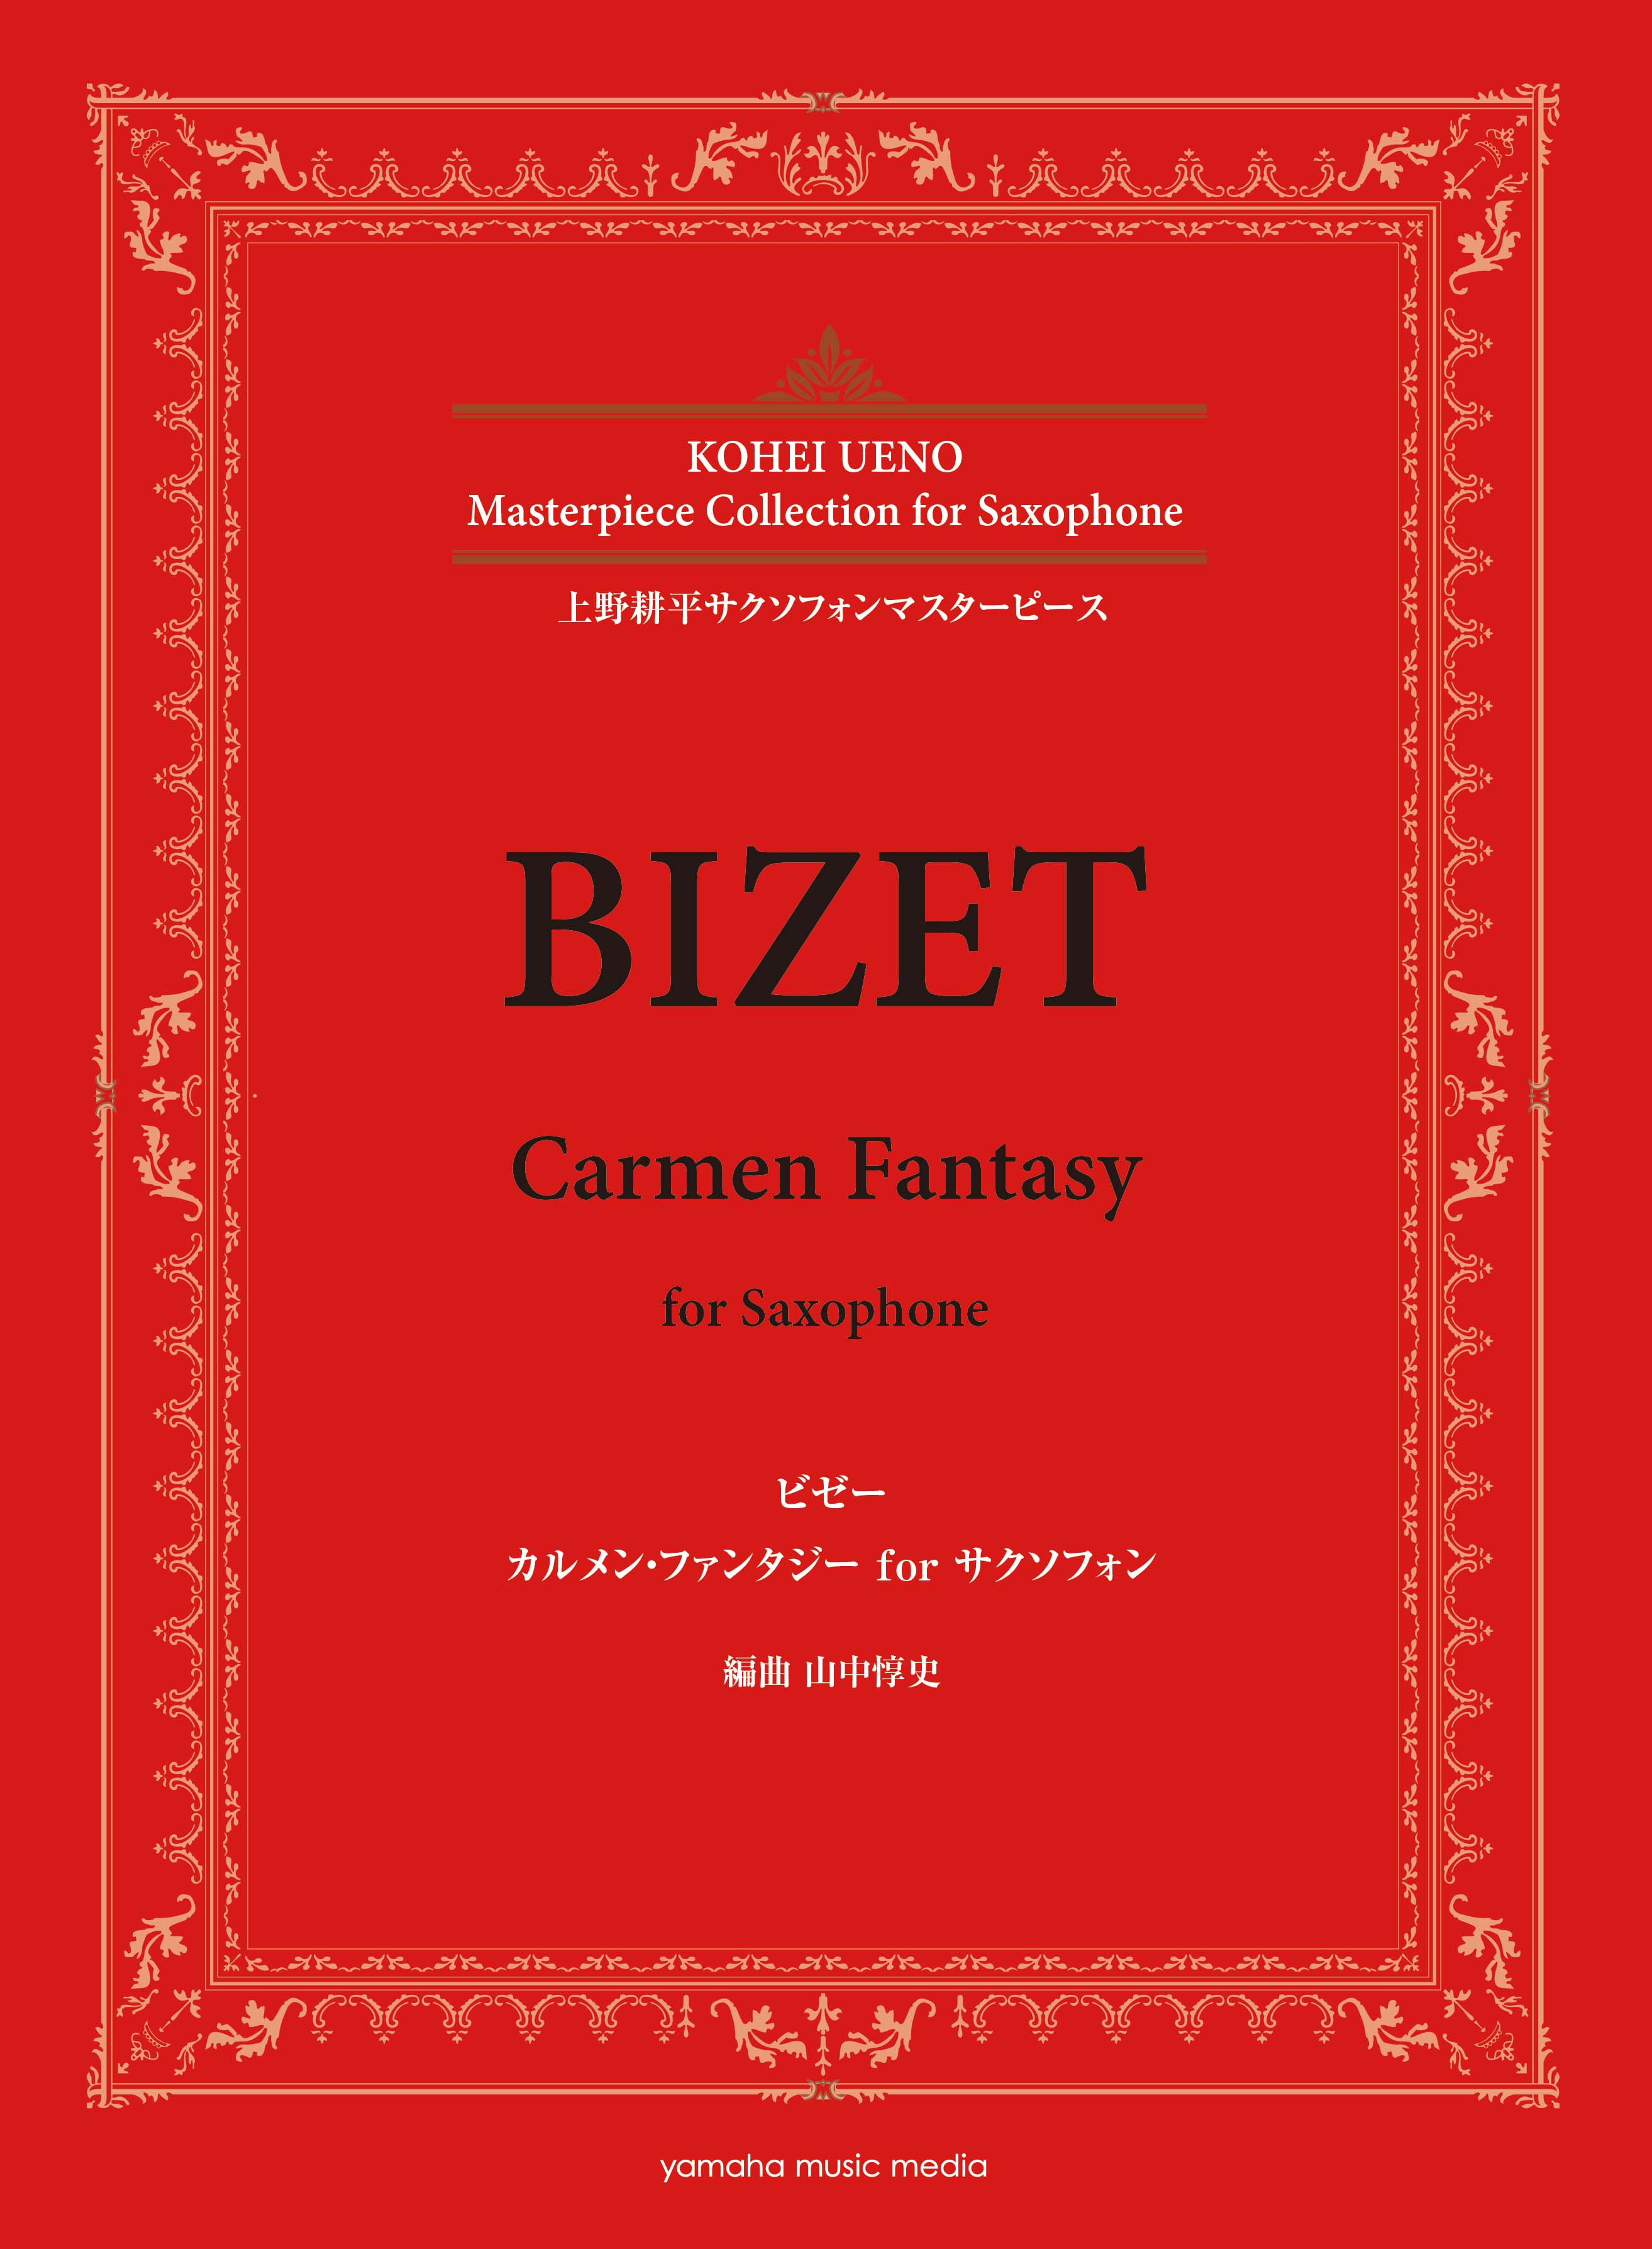 ビゼー カルメン・ファンタジー for サクソフォン